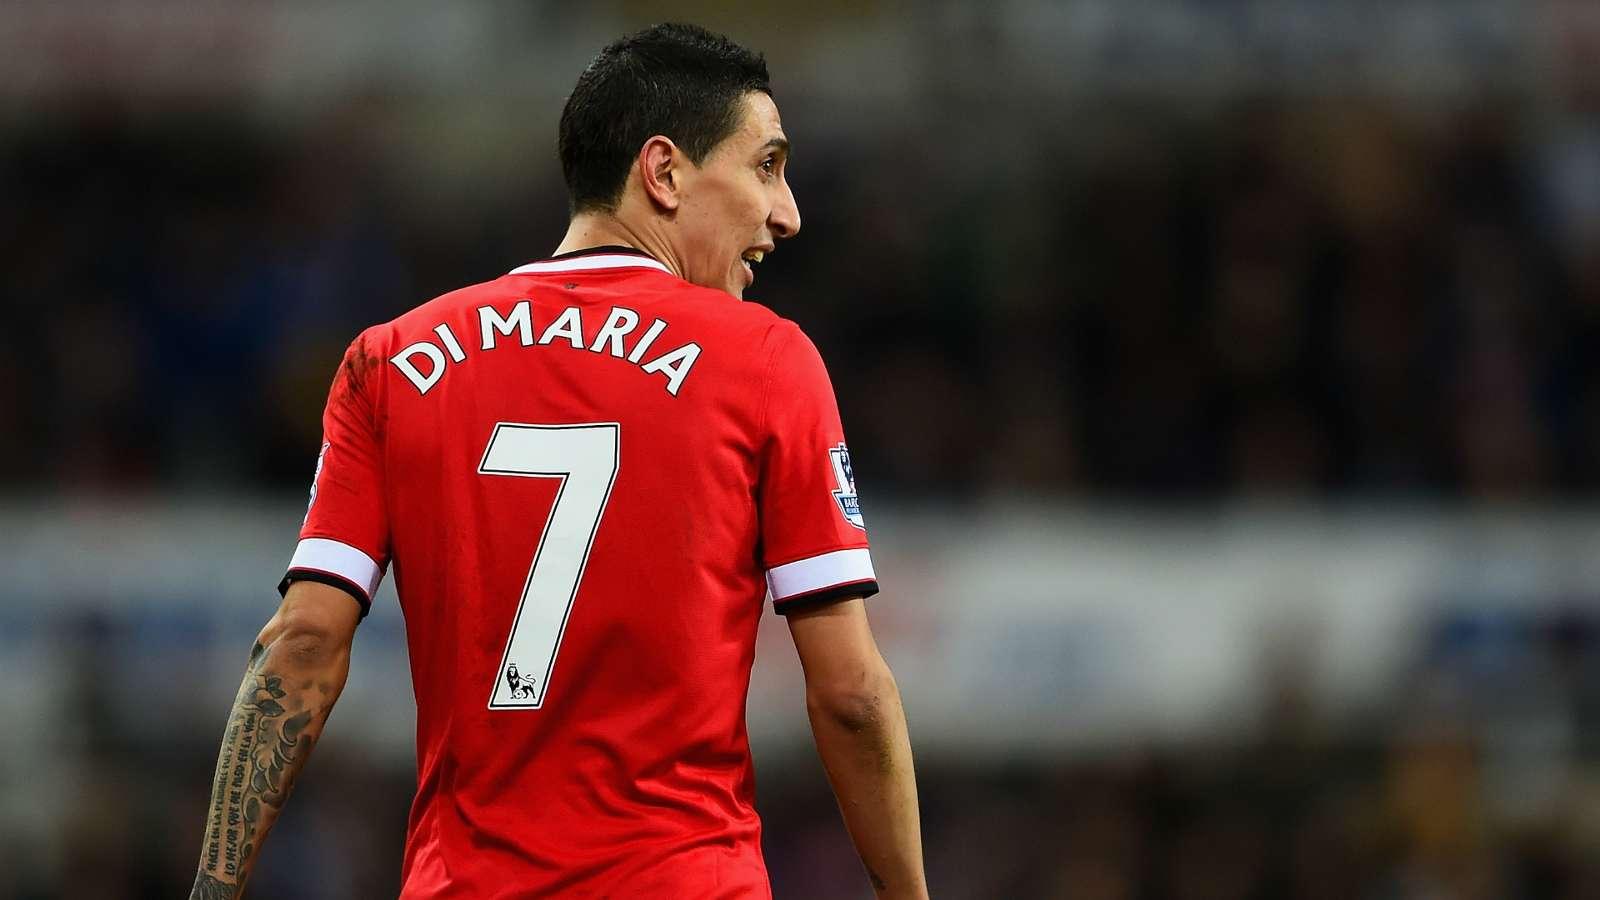 迪马利亚:我喜欢穿11号,但曼联给我7号,我没得选